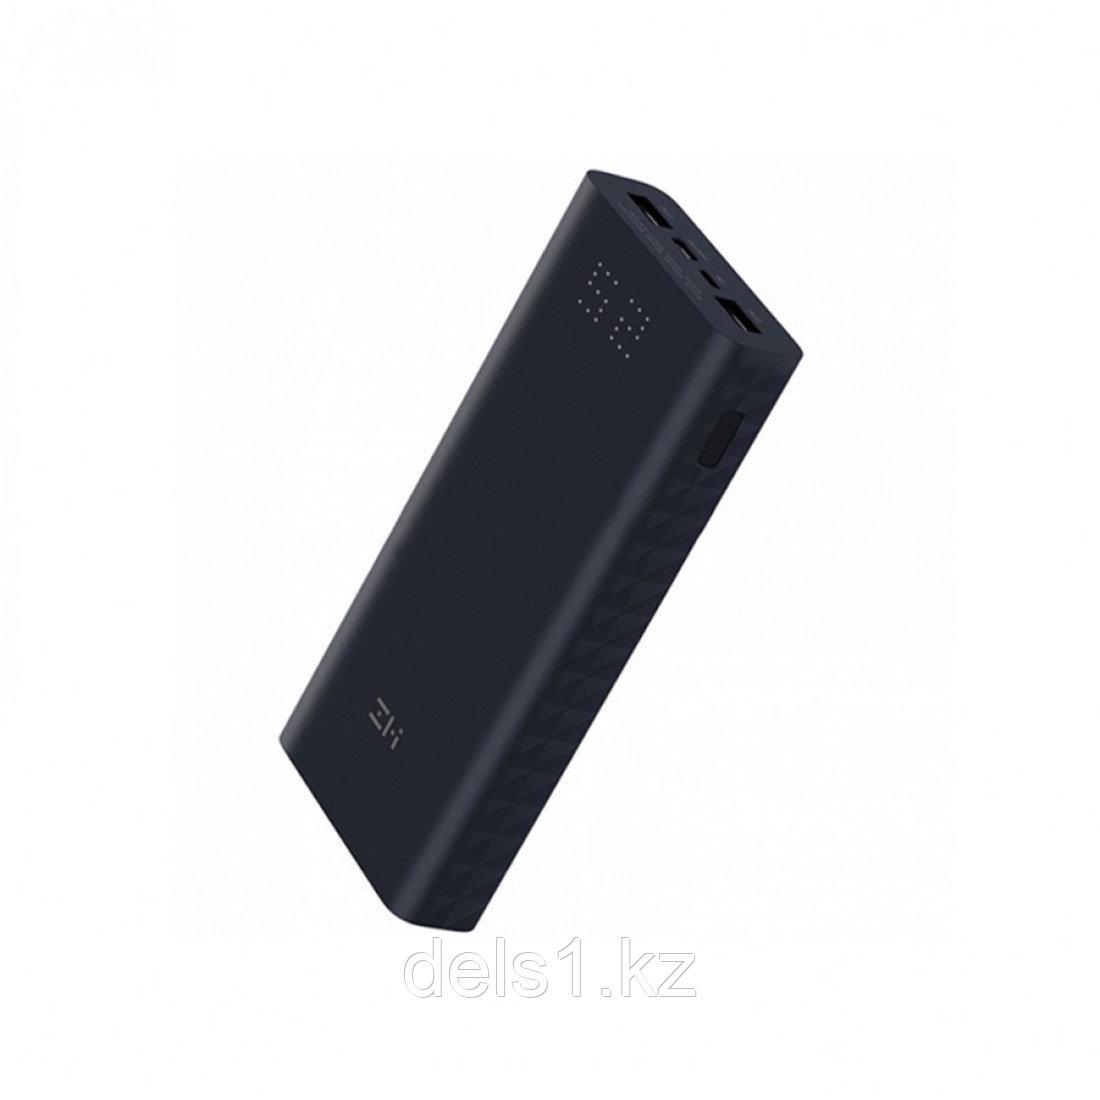 Портативное зарядное устройство Xiaomi ZMi QB822 Power Bank 20000mAh Aura (27W) Чёрный